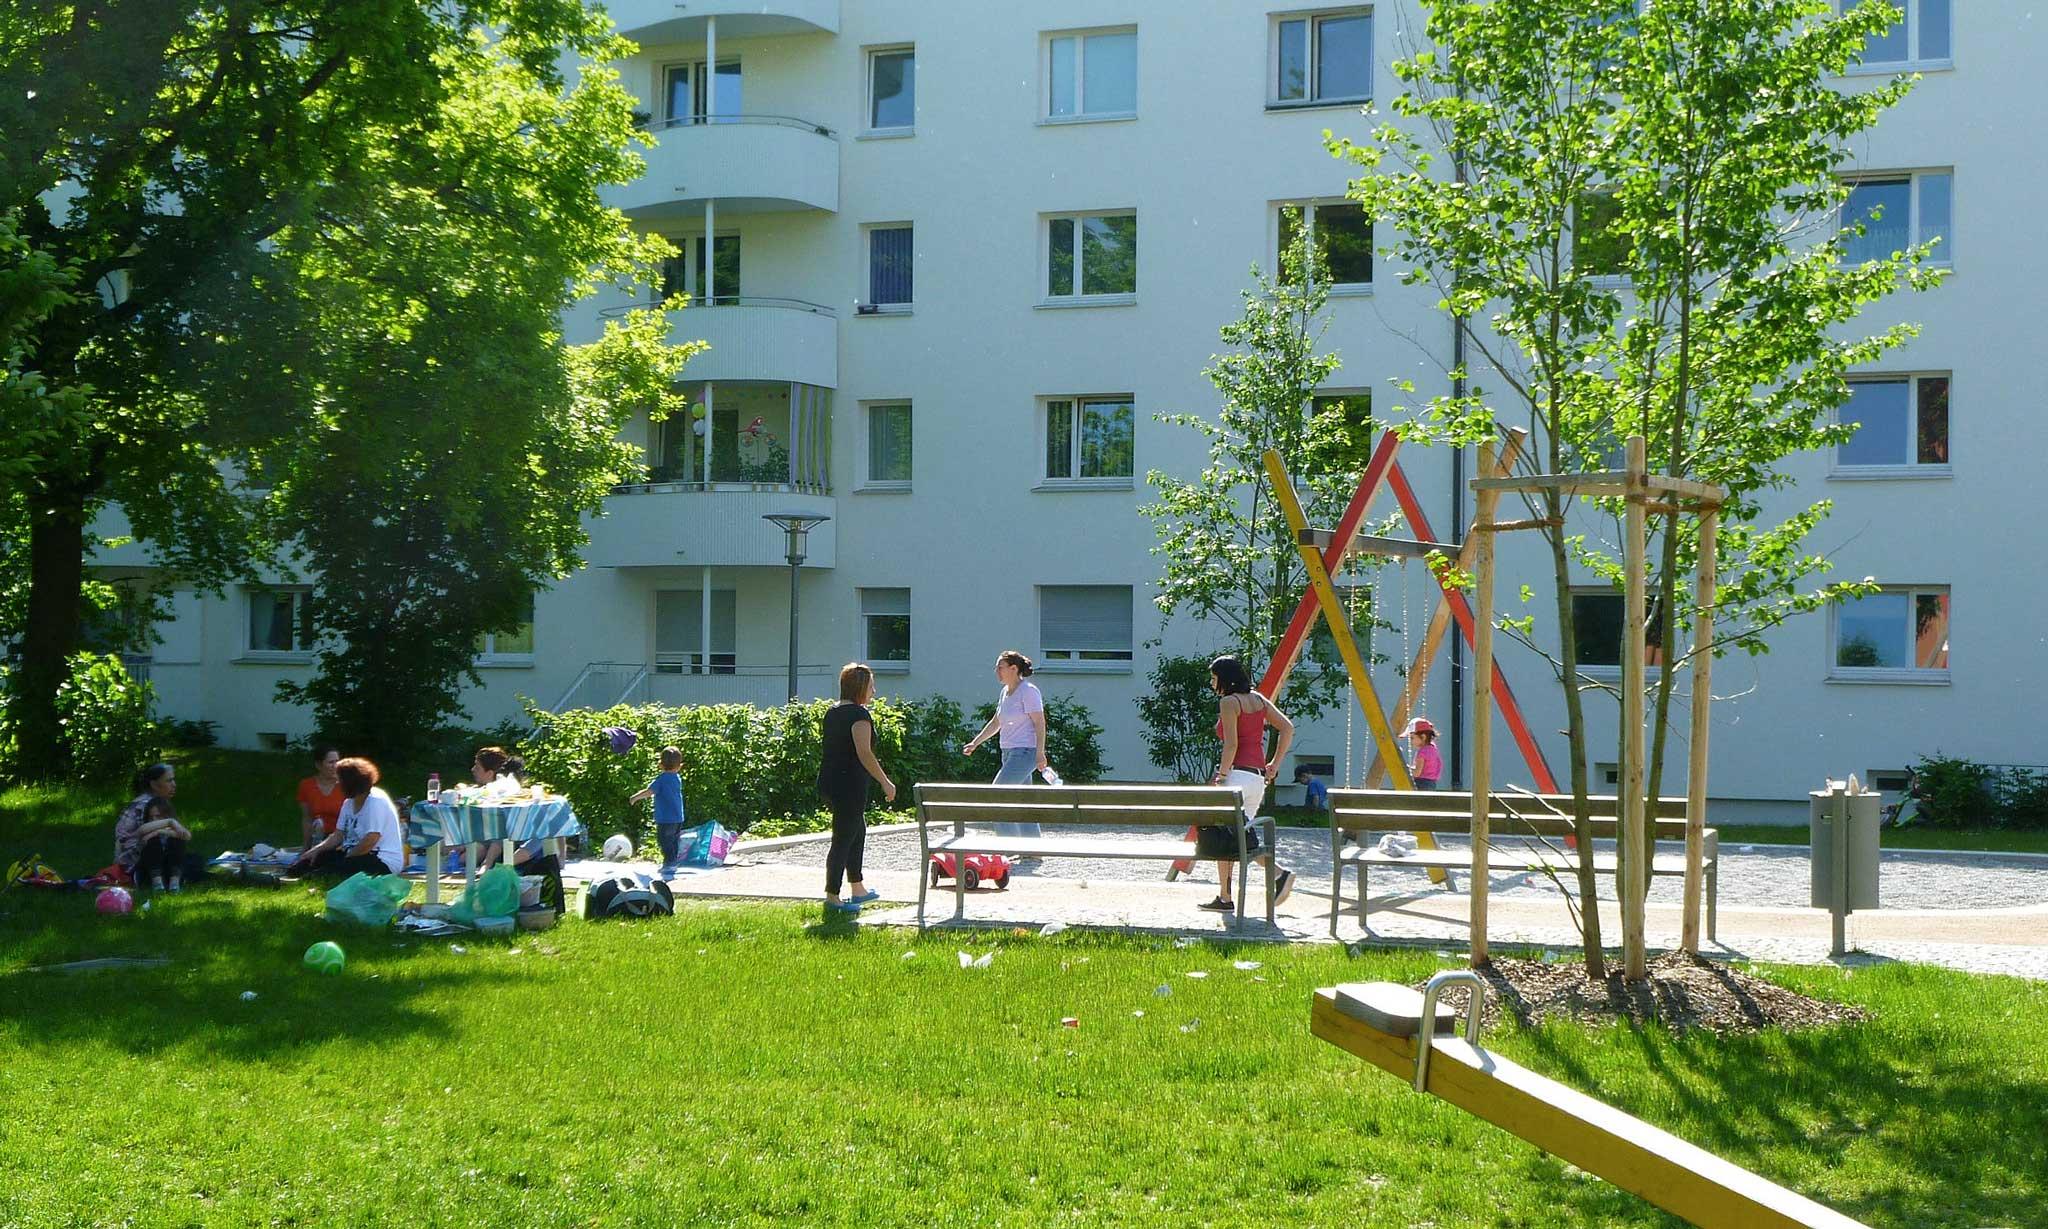 """Wohnanlage """"Berg am Laim"""" - Landschaftsarchitektur Spielplatz"""